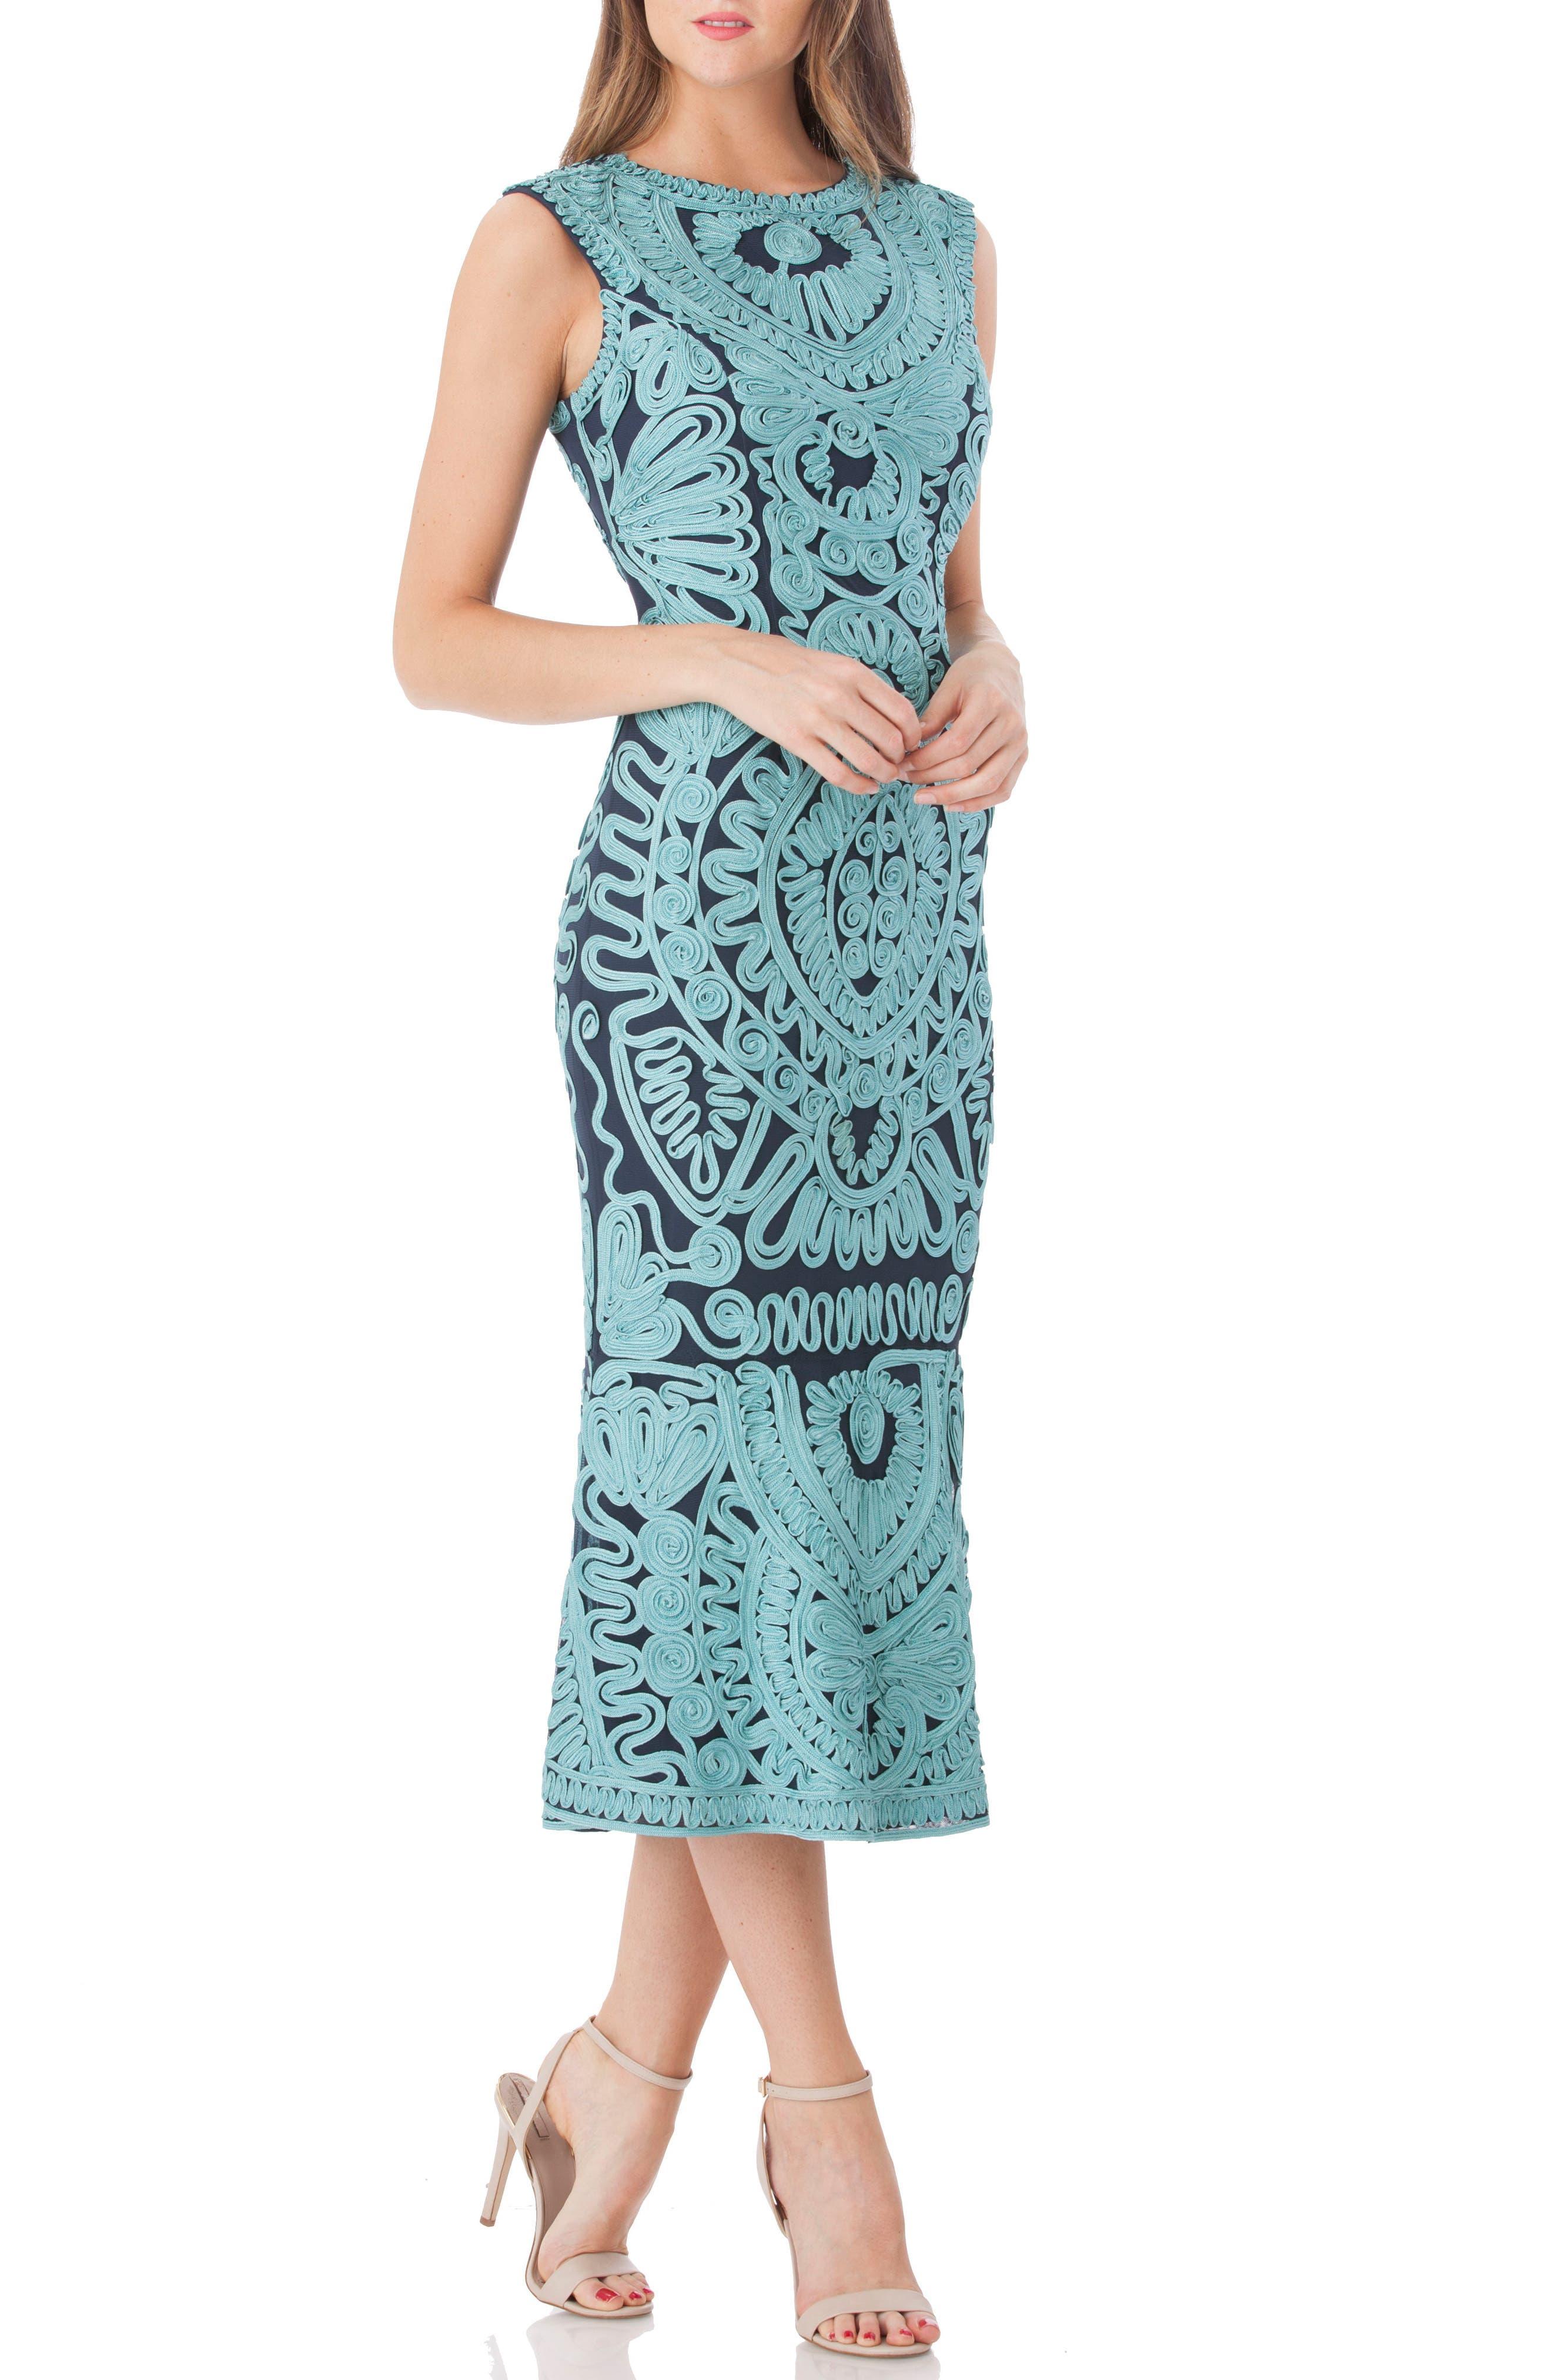 JS COLLECTIONS, Soutache Mesh Dress, Main thumbnail 1, color, 338